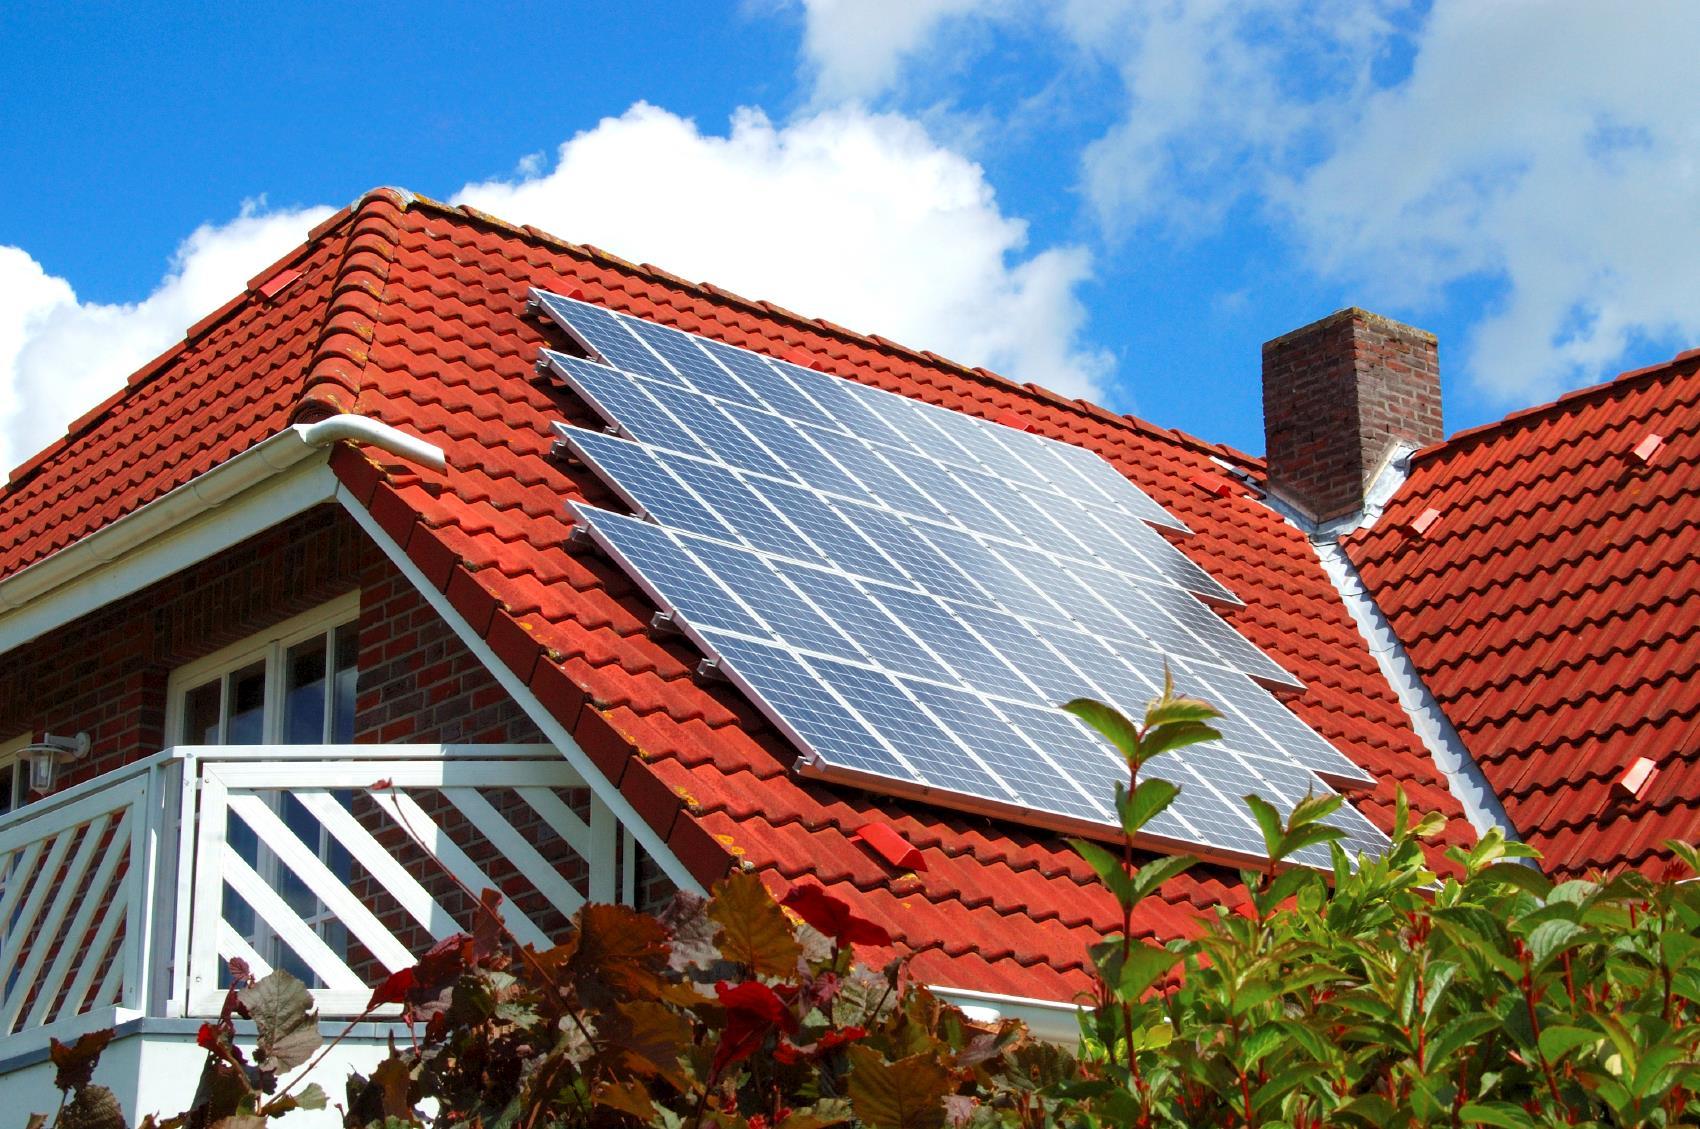 Acesso universal a energia: muito mais que eletricidade